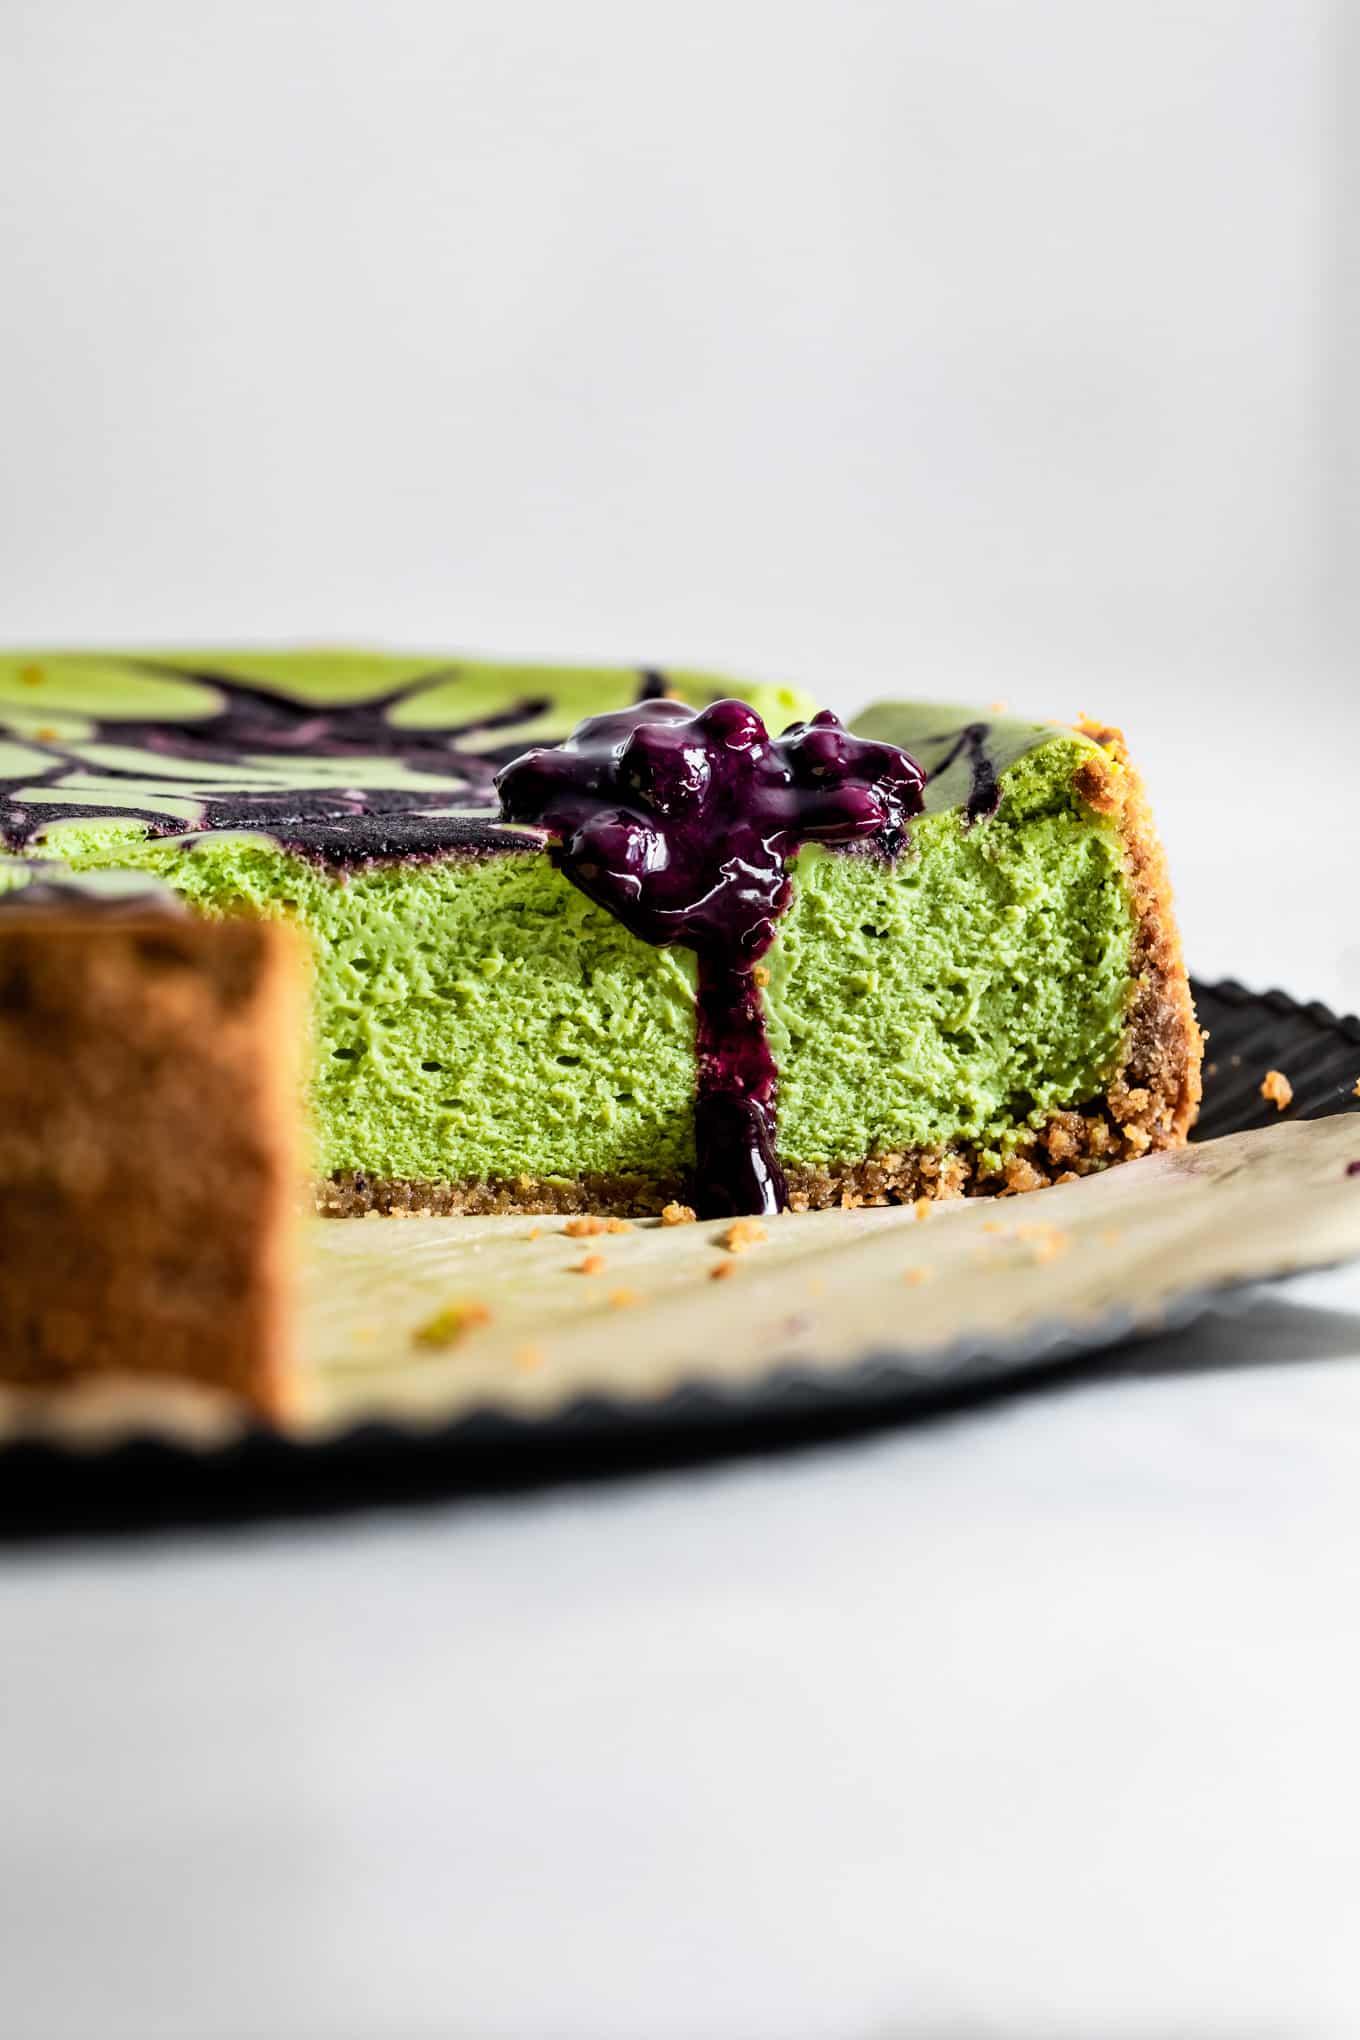 Slice of Matcha Cheesecake